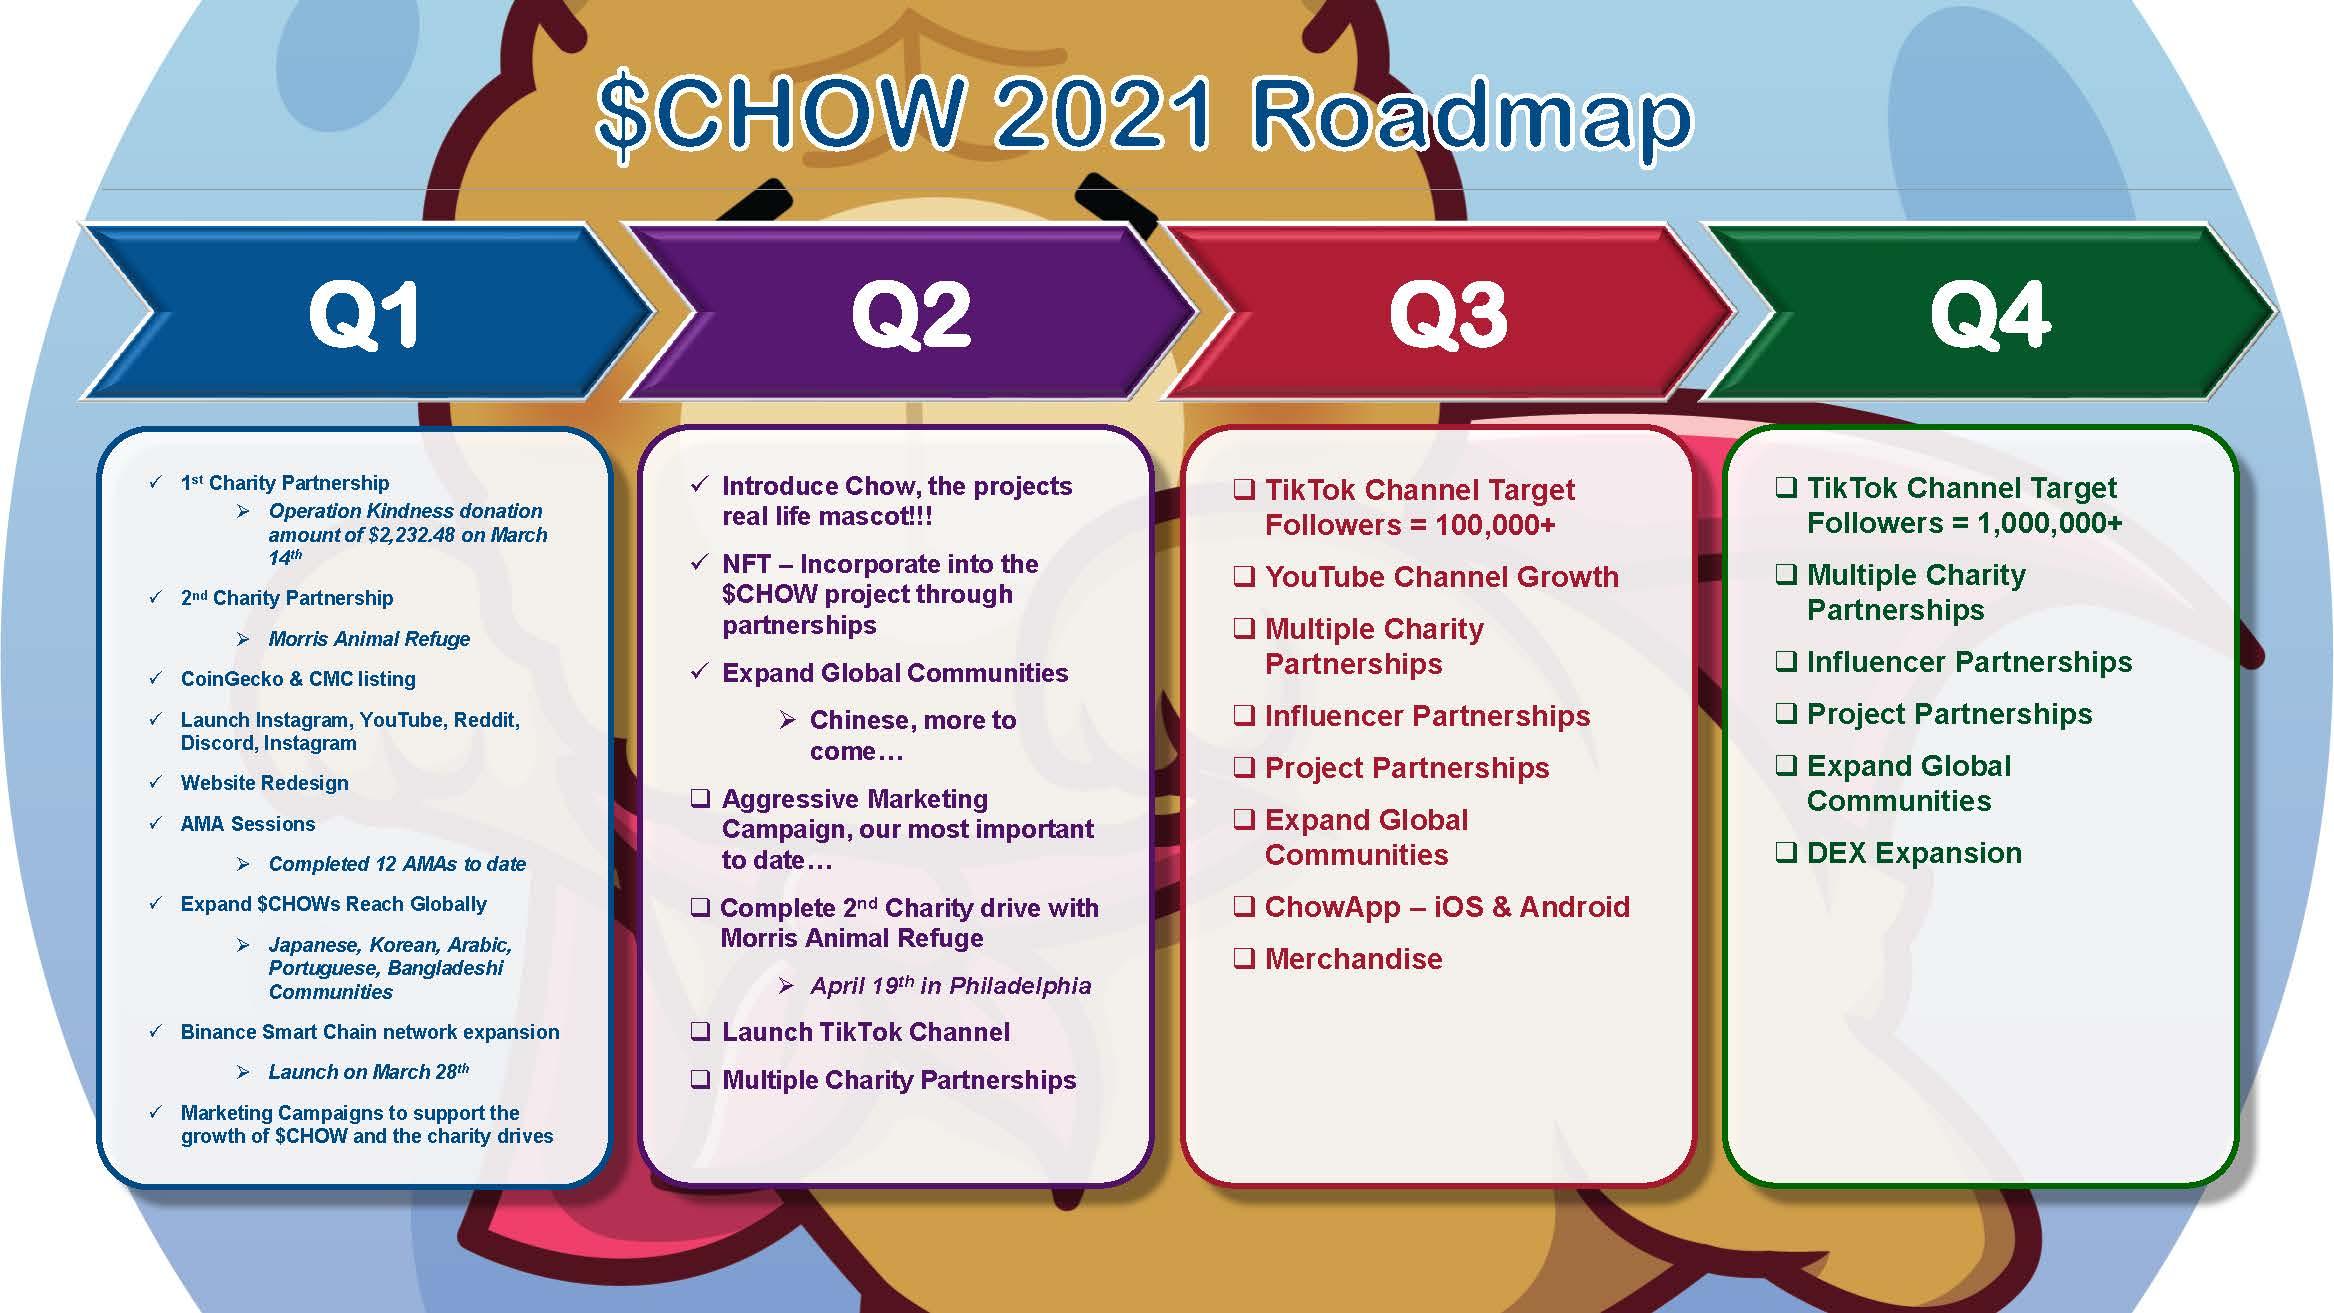 $Chow Roadmap